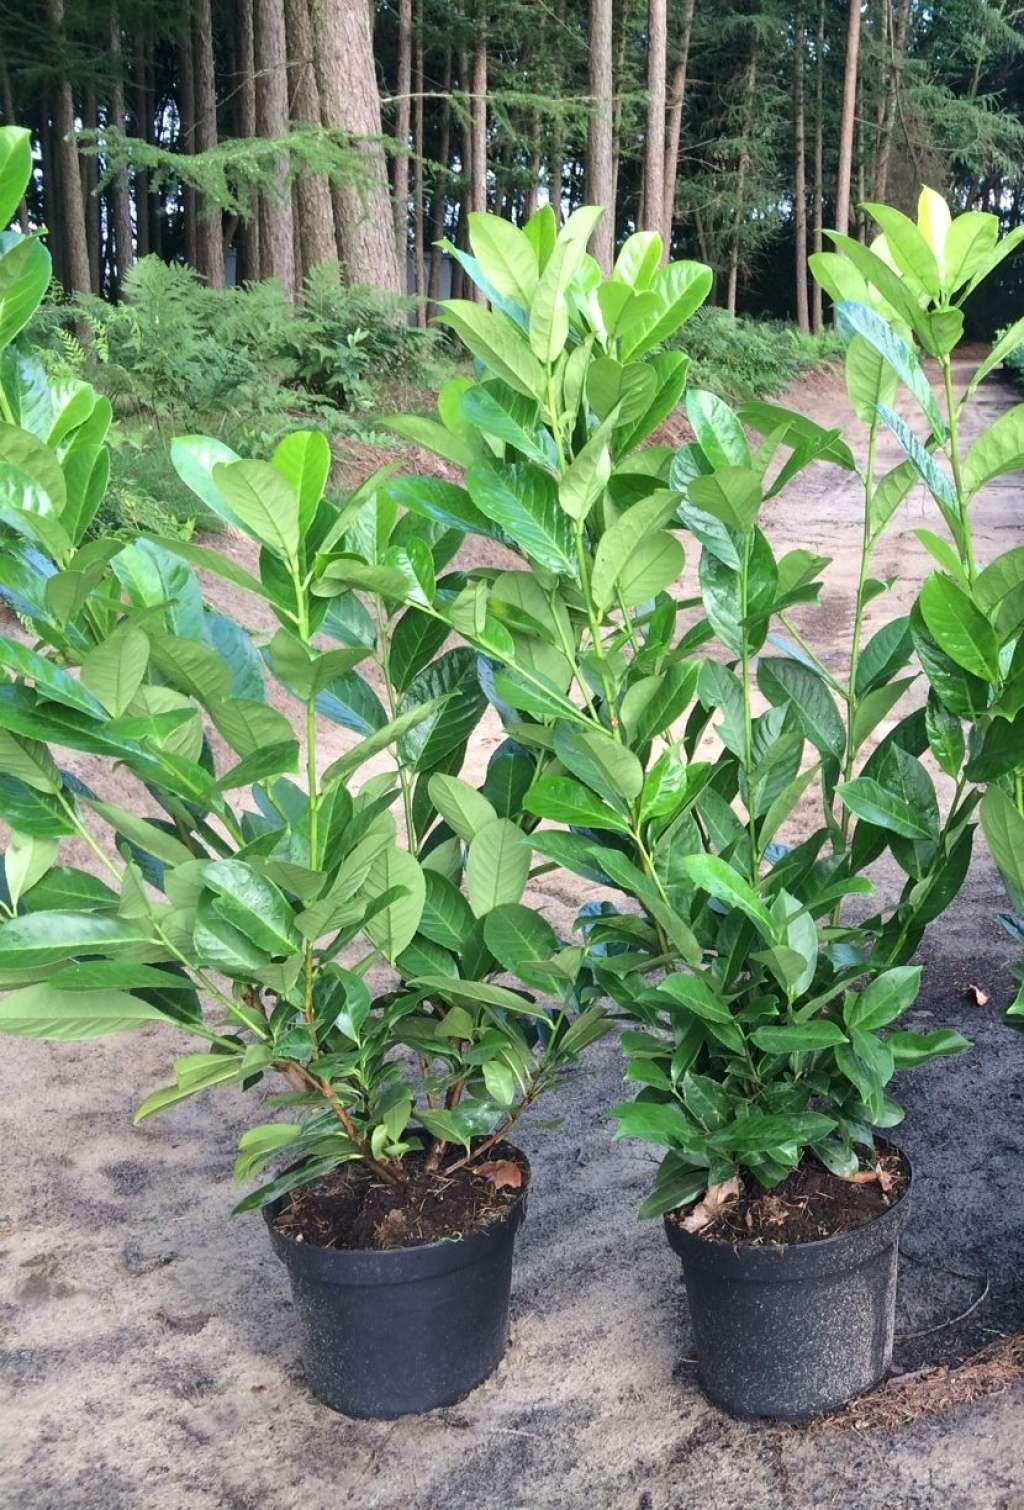 Prunus laur. 'Rotundifolia'